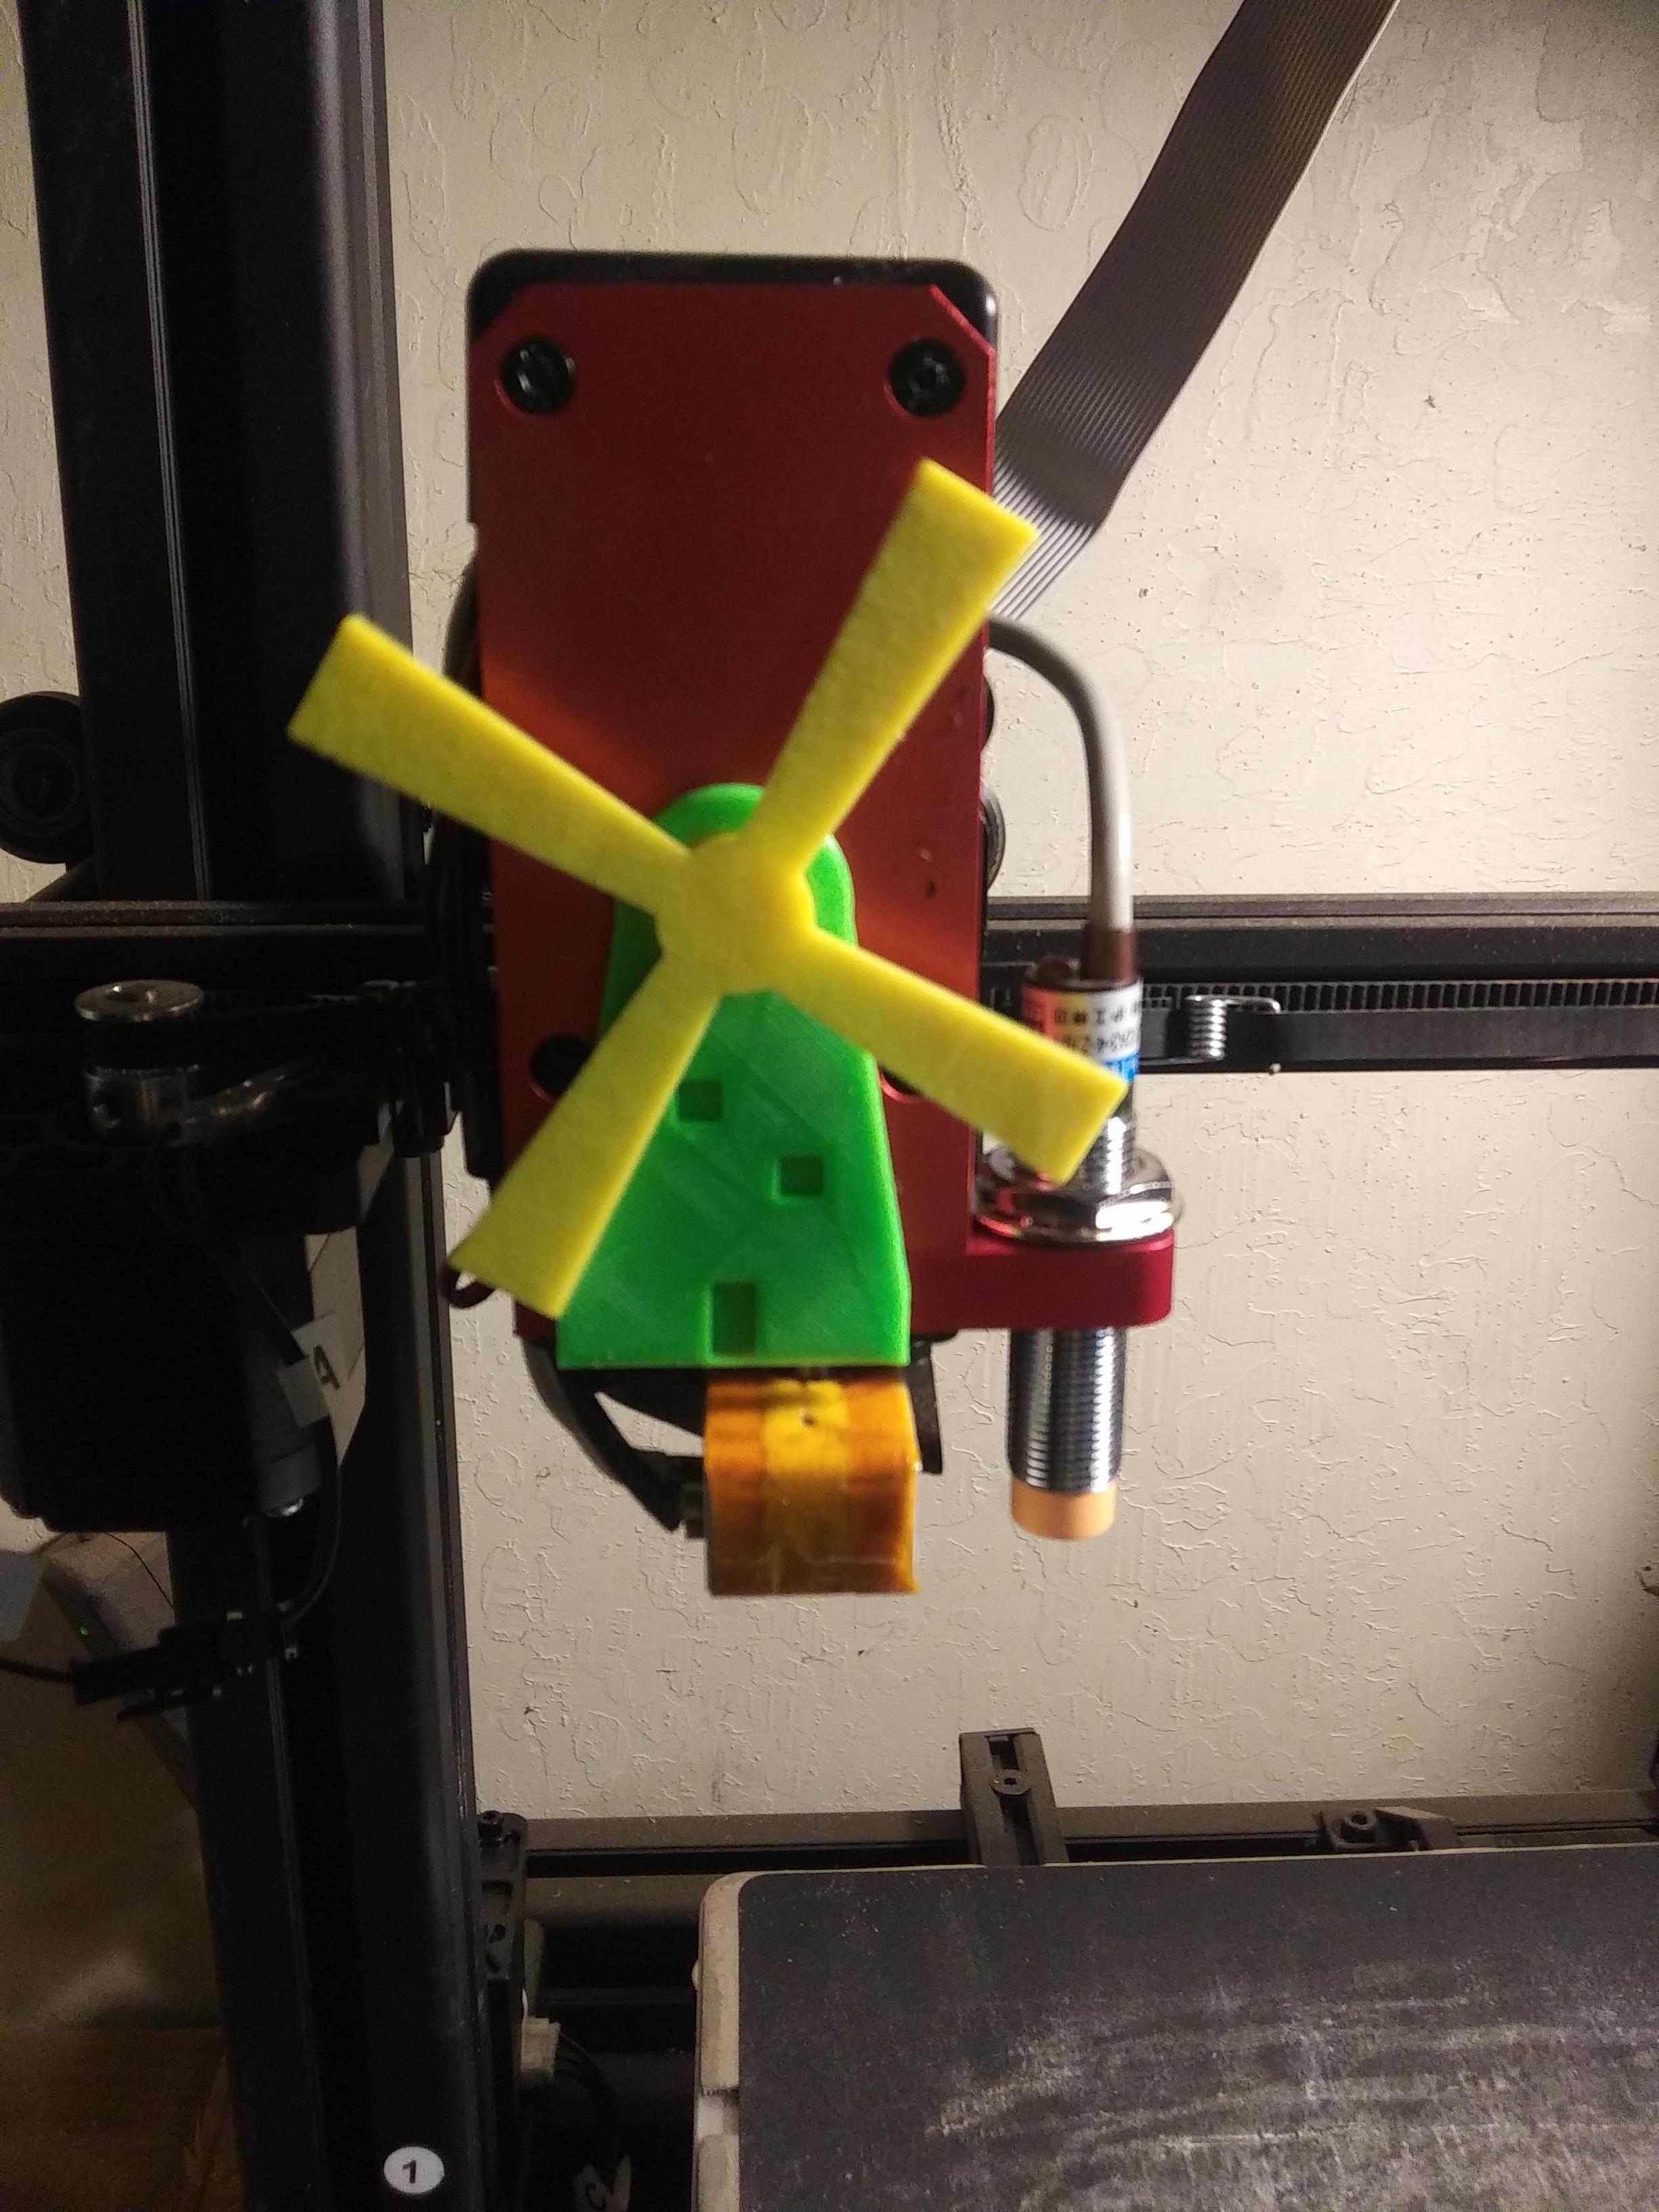 Monoprice_Extruder_Amish_Mill.jpg Télécharger fichier STL gratuit Indicateur d'extrudeuse pour Monoprice Maker Select Pro / Wanhao D9 Moulin à vent Amish • Design pour impression 3D, SierraTech